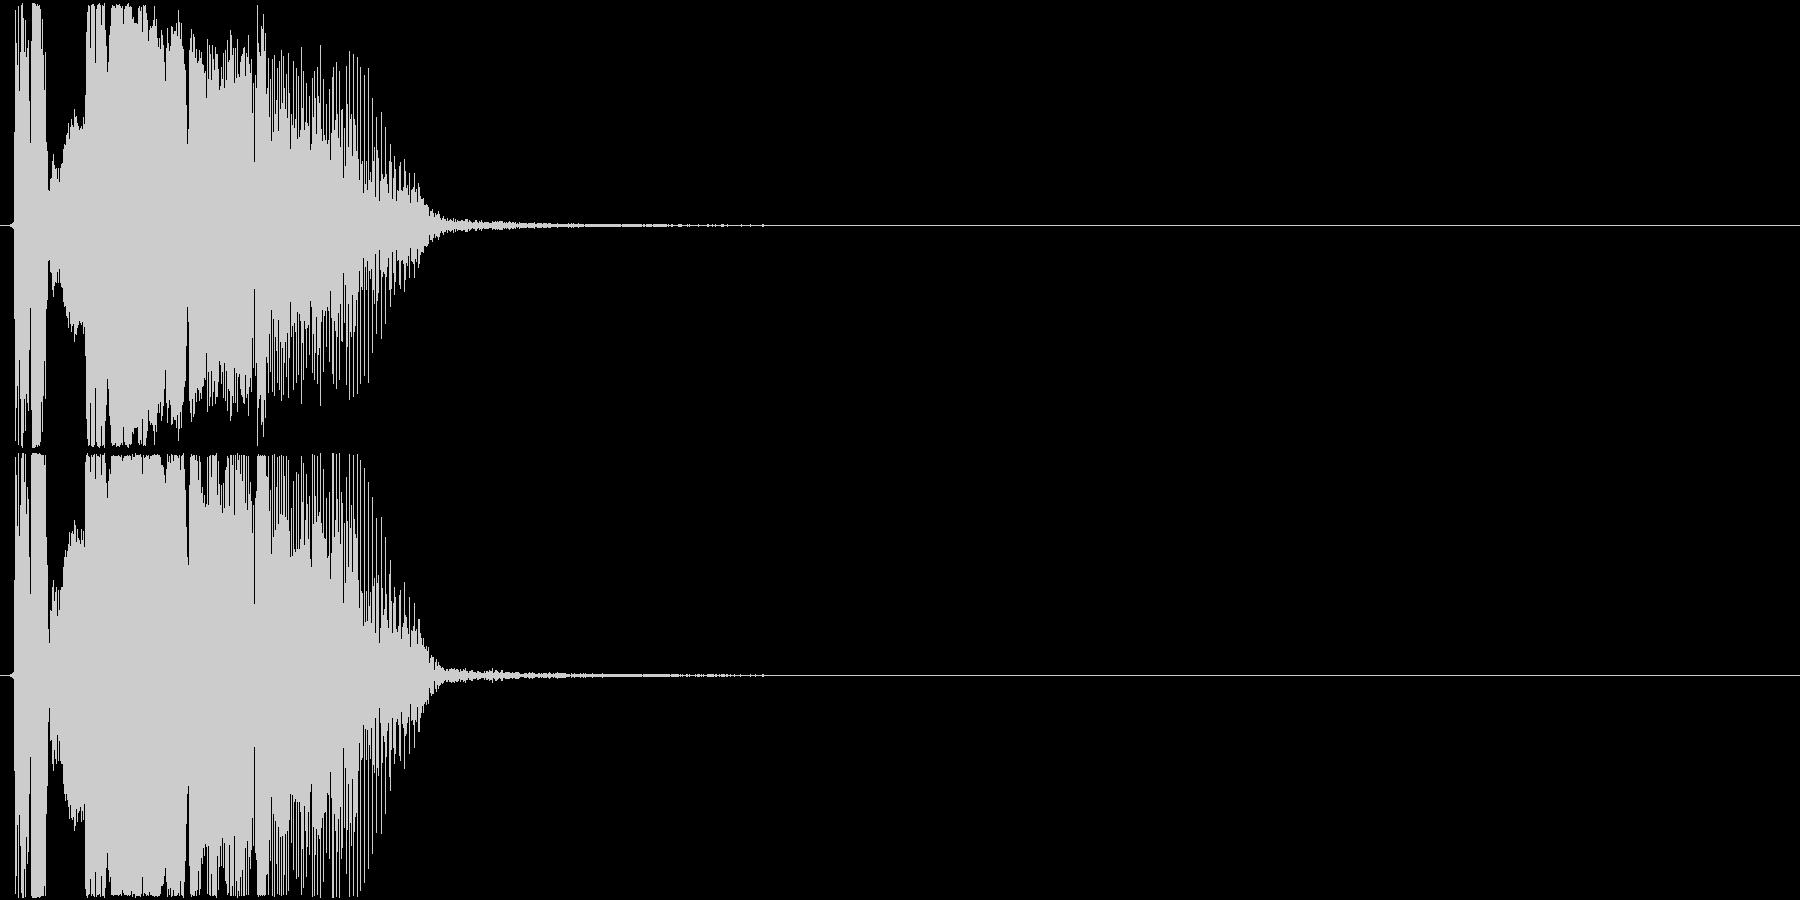 「カモン」アプリ・ゲーム用3の未再生の波形